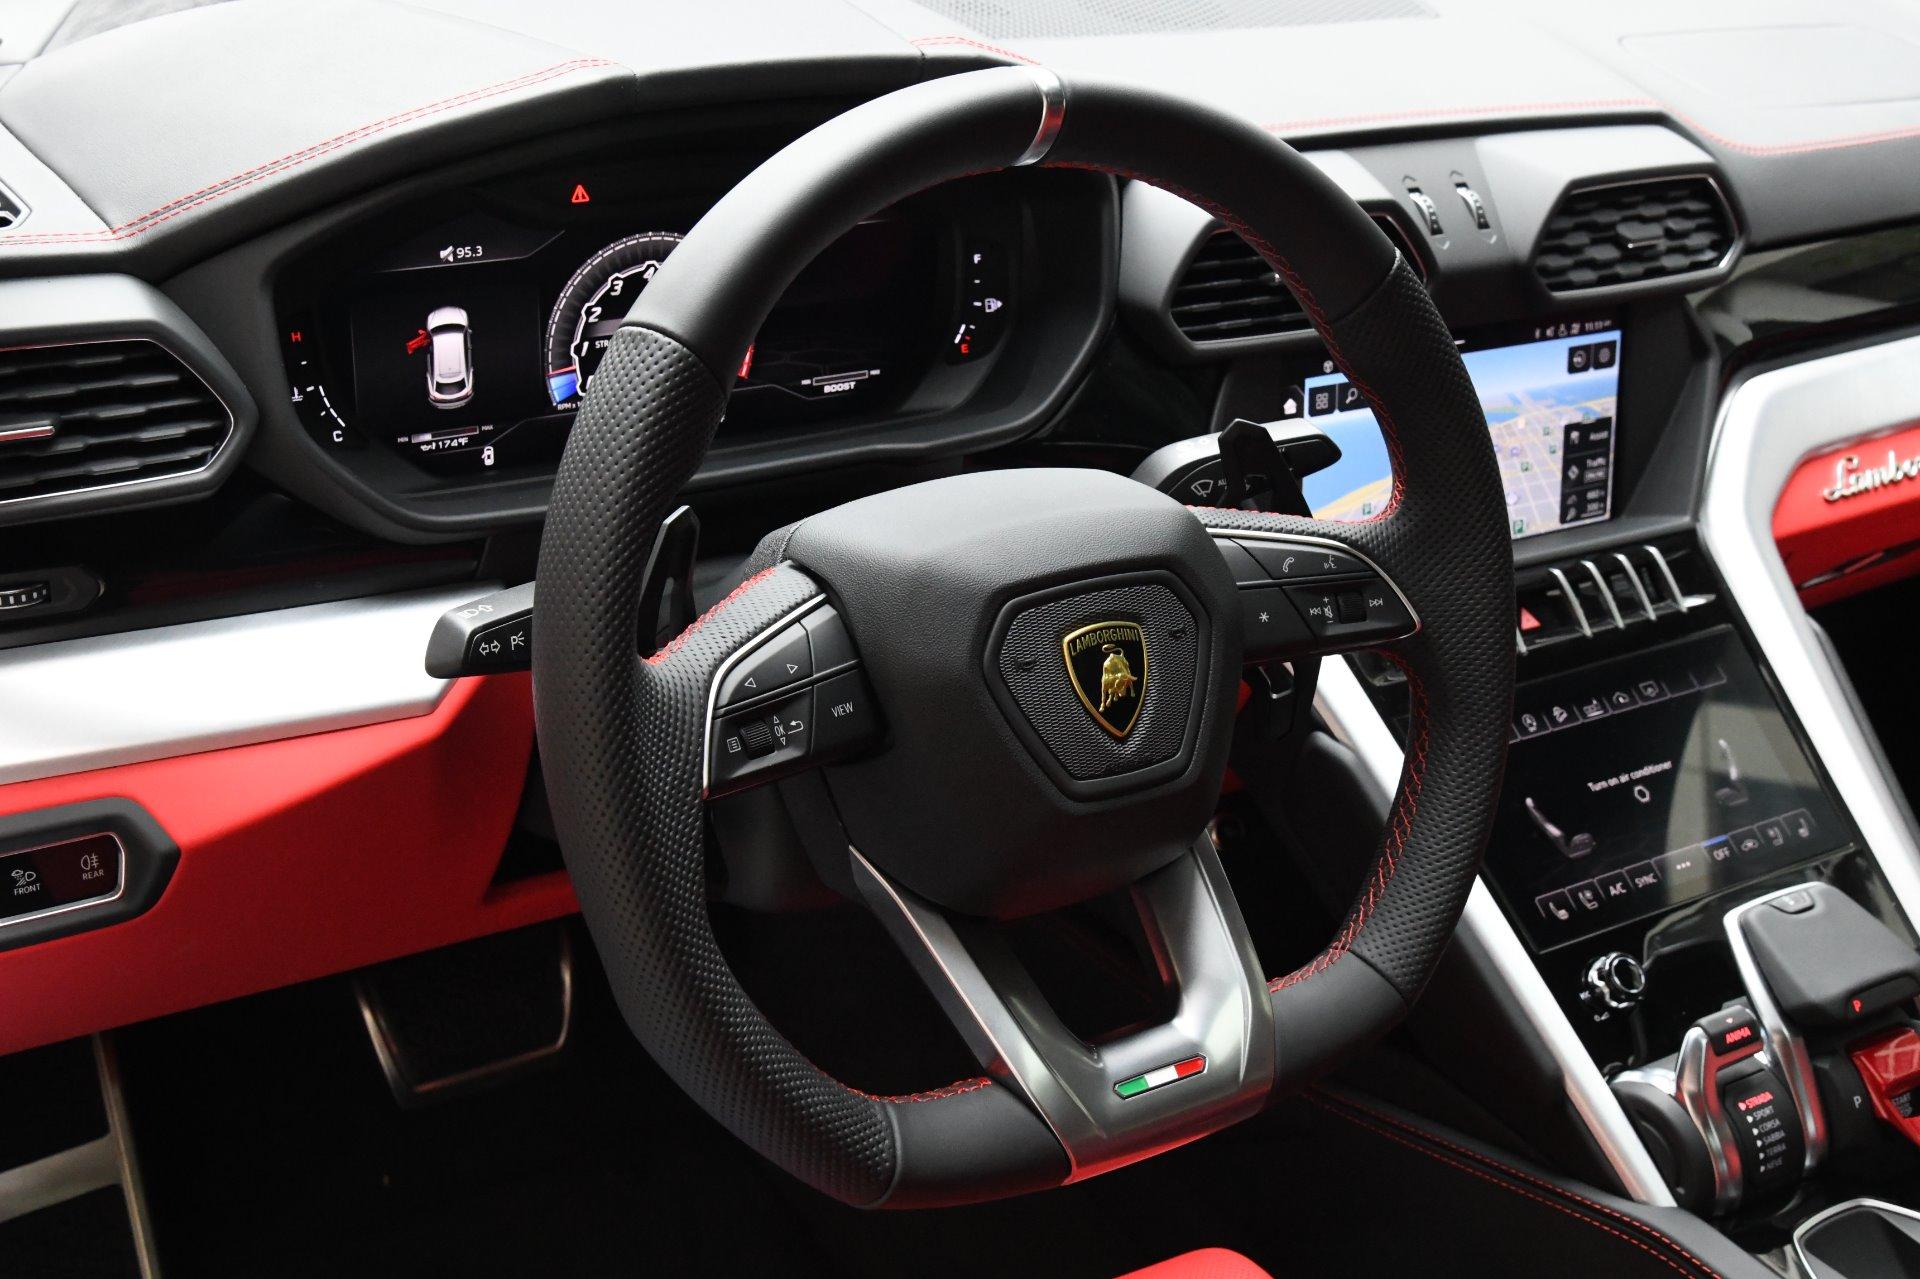 2019 Lamborghini Urus Stock # 01033 for sale near Chicago